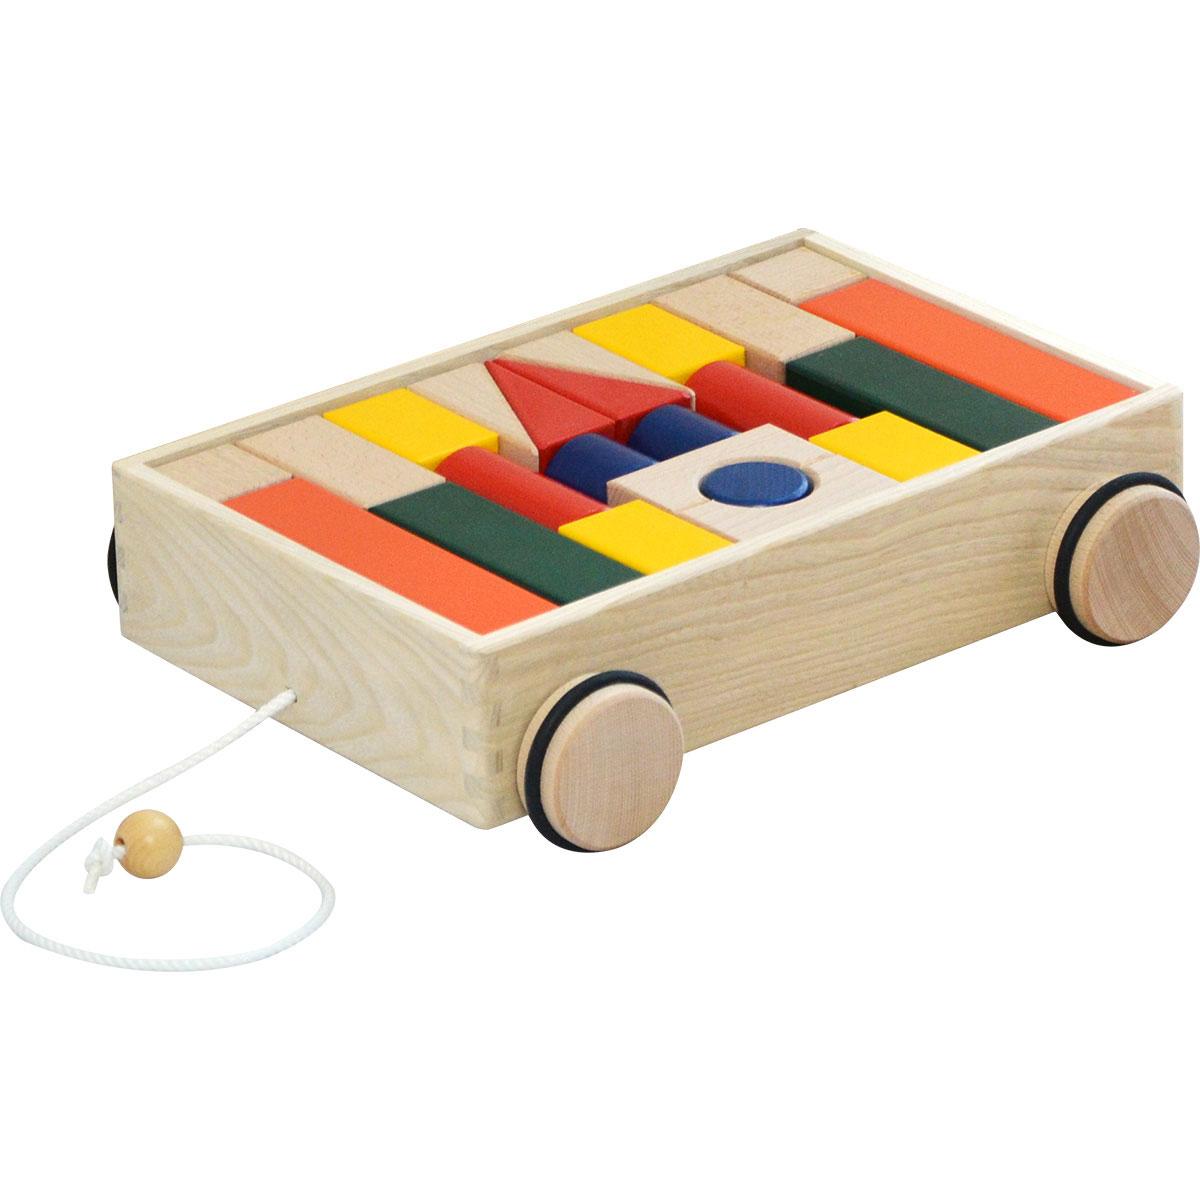 1年保証 コイデ KOIDE 日本製 おもちゃ 玩具 引車積木 K35 積み木 知育 引き車 室内 1歳 2歳 男の子 女の子 子供 幼児 ベビー 知育玩具 出産祝い 誕生日 ウッド 天然木 国産 ■[送料無料]